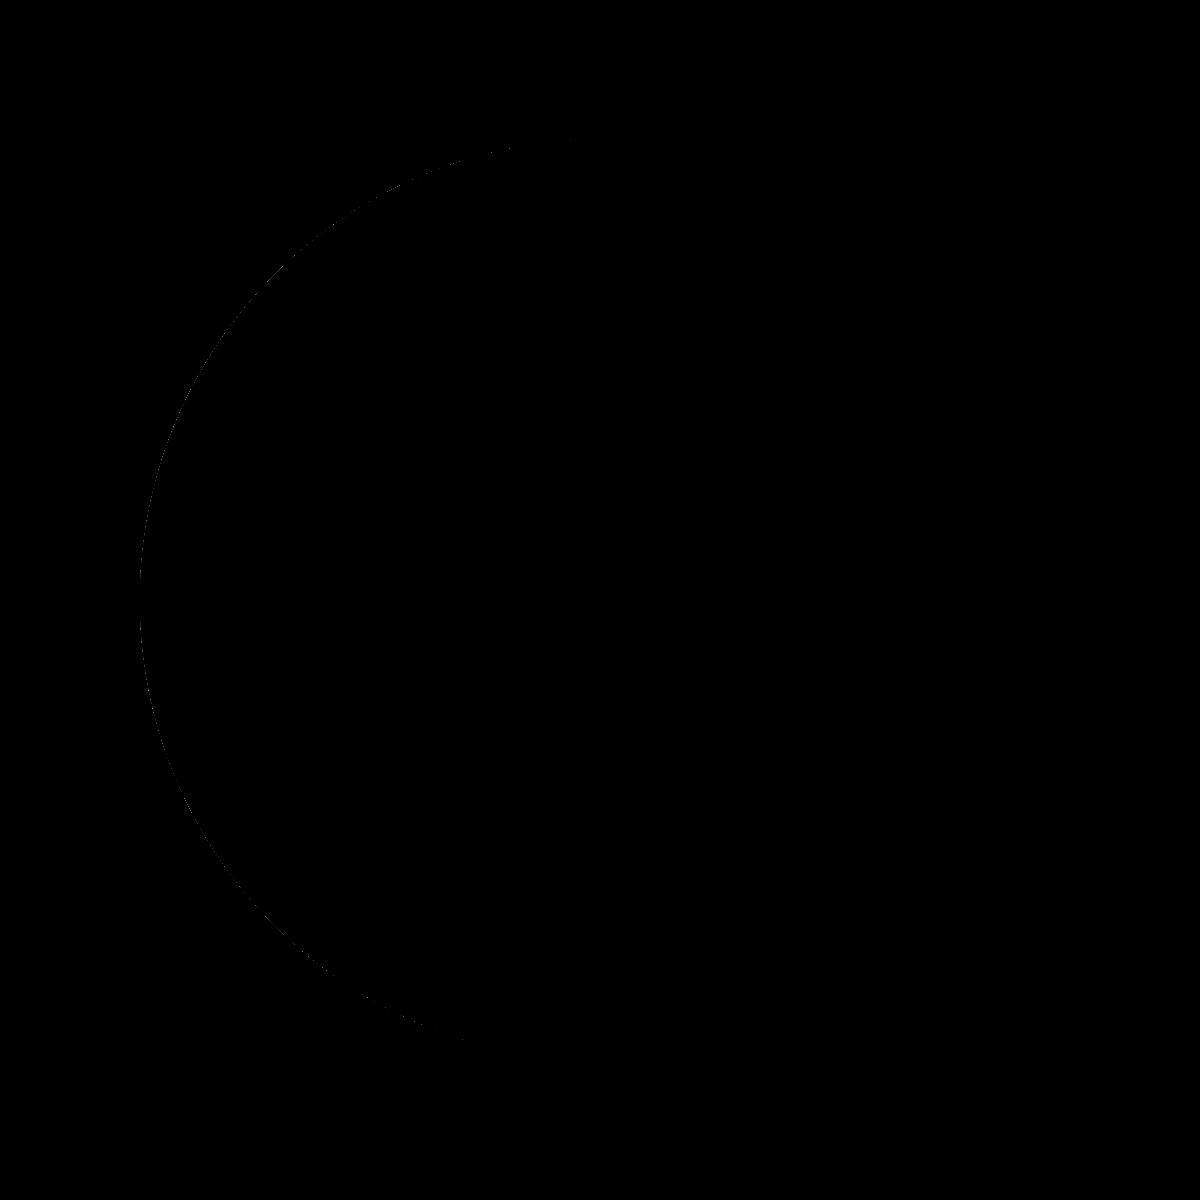 Lune du 21 juin 2020